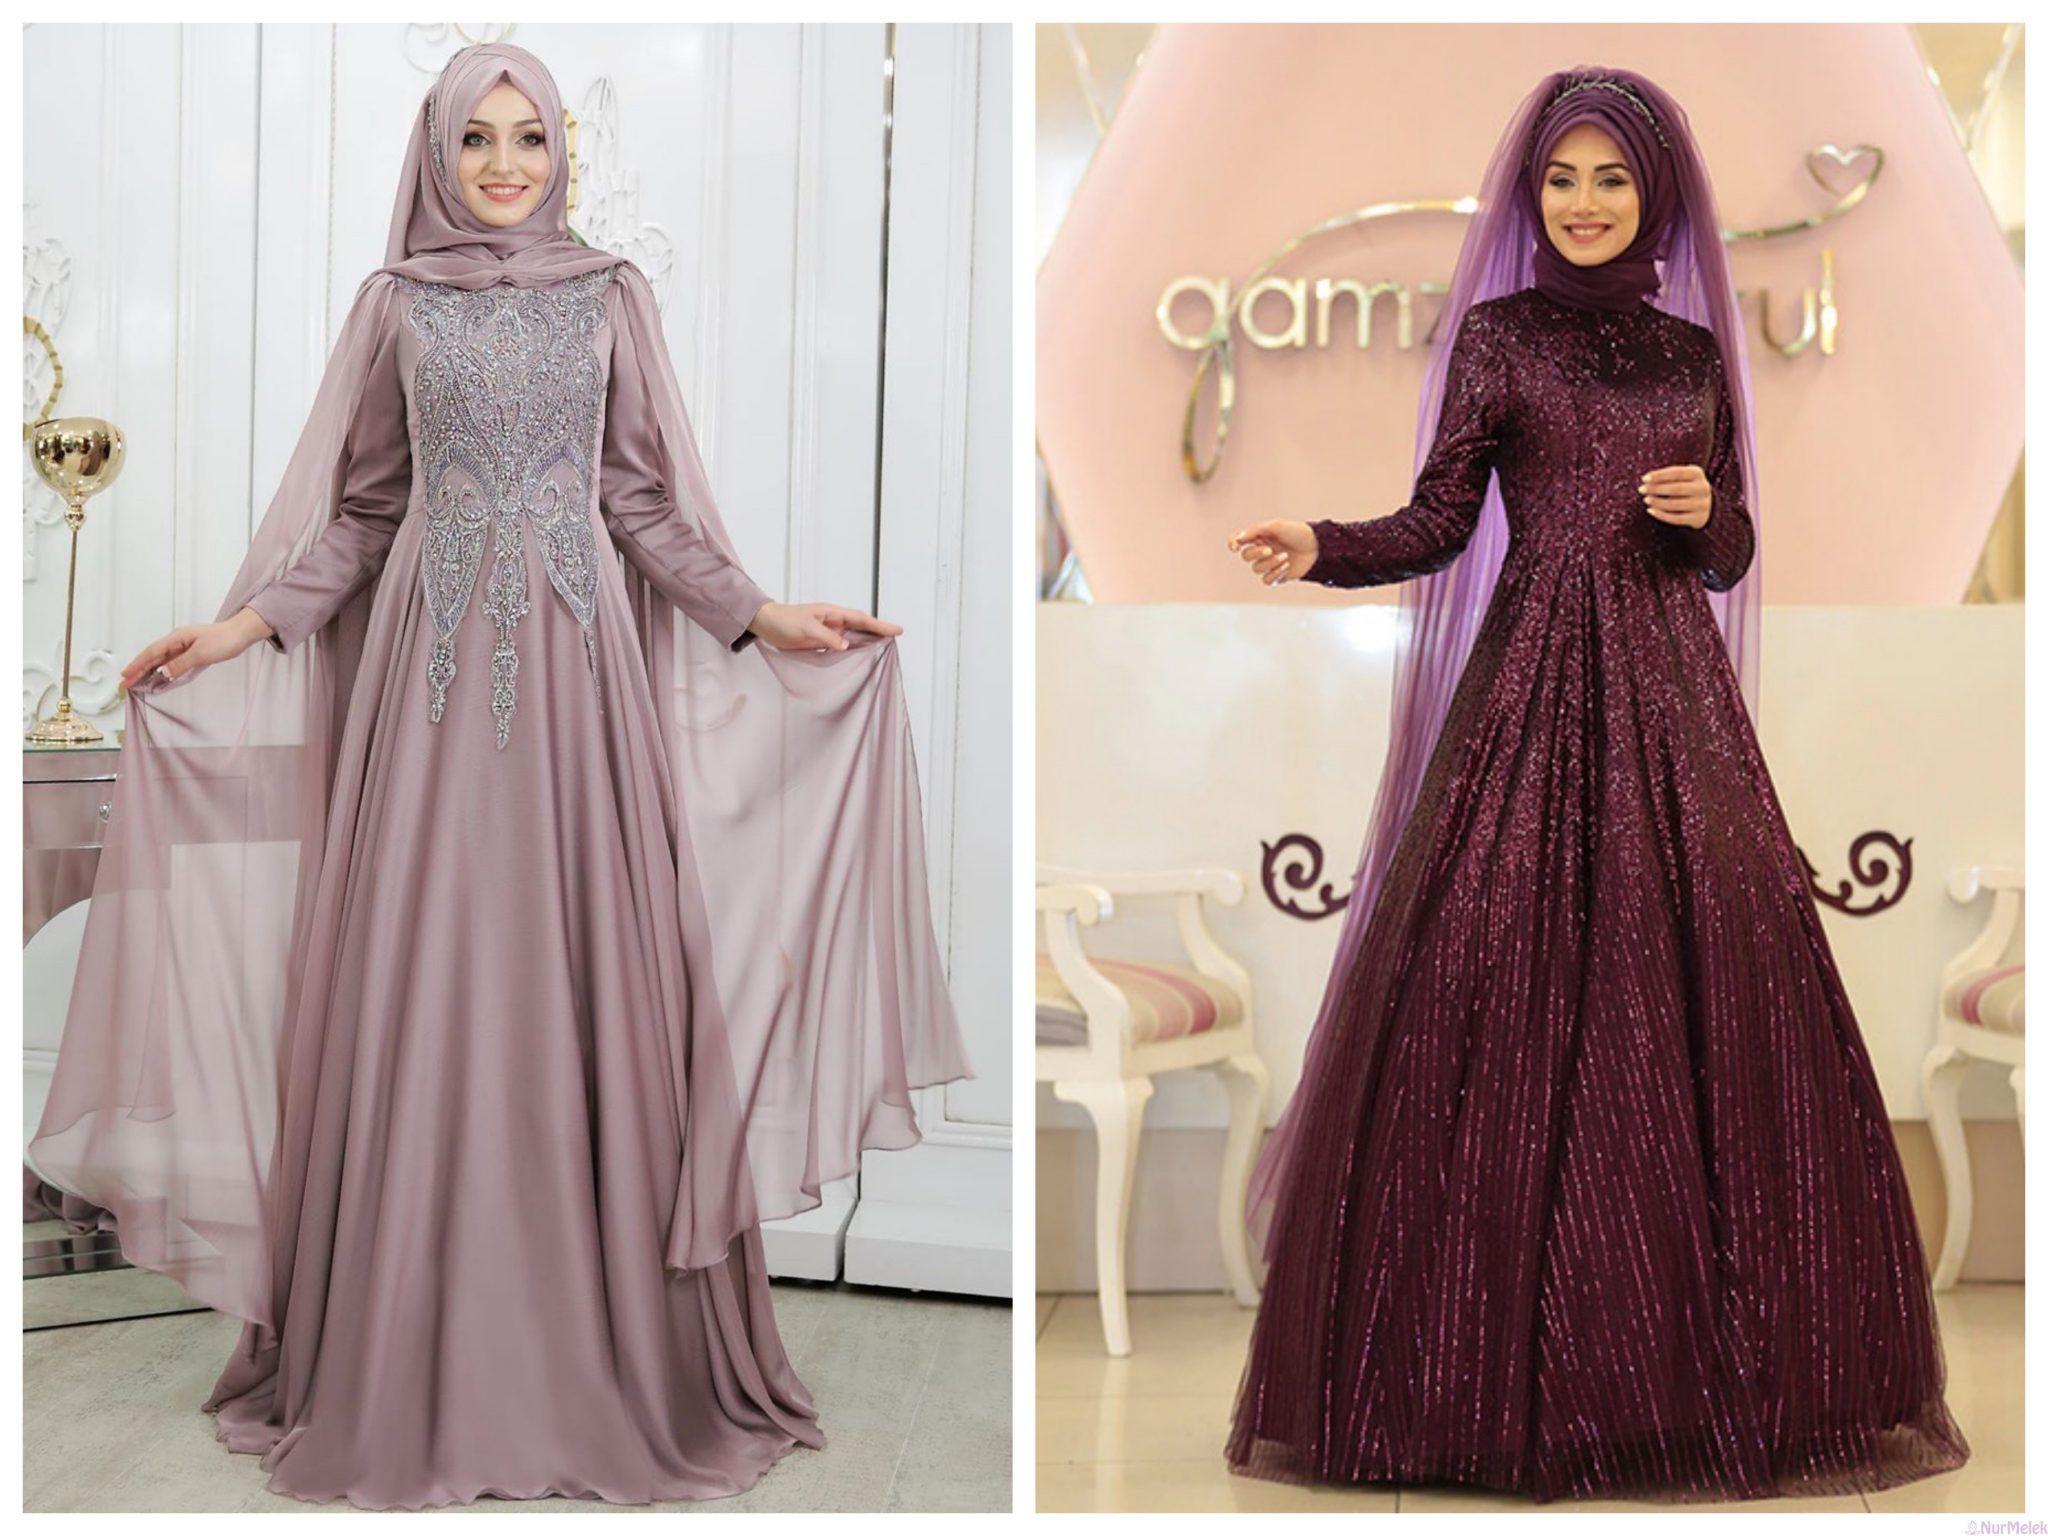 2020 Sunnet Annesi Tesettur Elbise Modelleri 2020 Elbise Modelleri Elbise Resmi Elbise